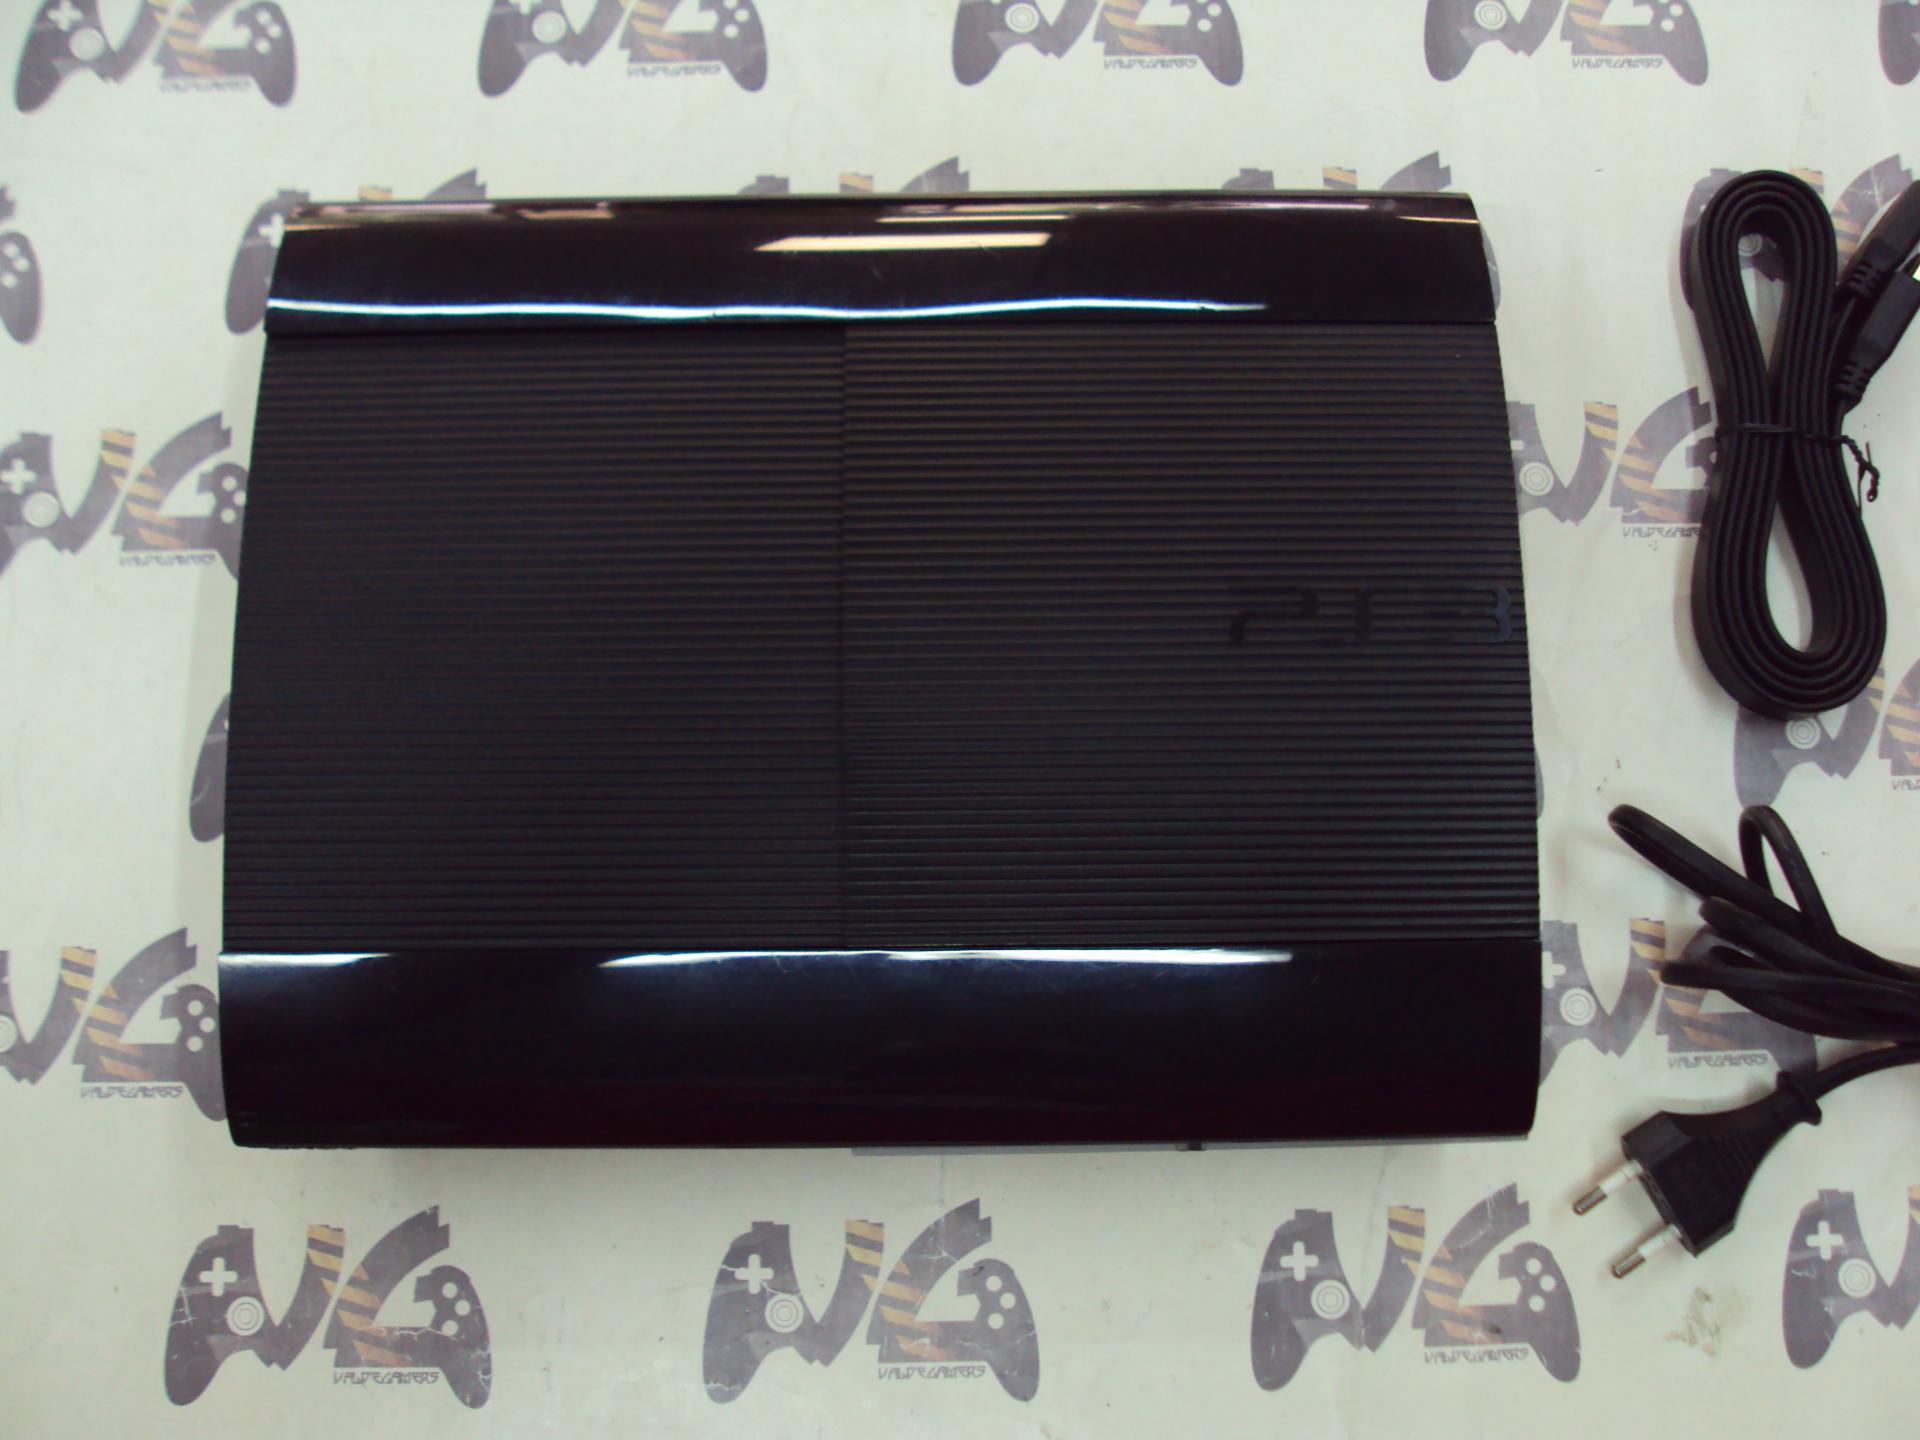 Playstation 3 Super Slim 640GB